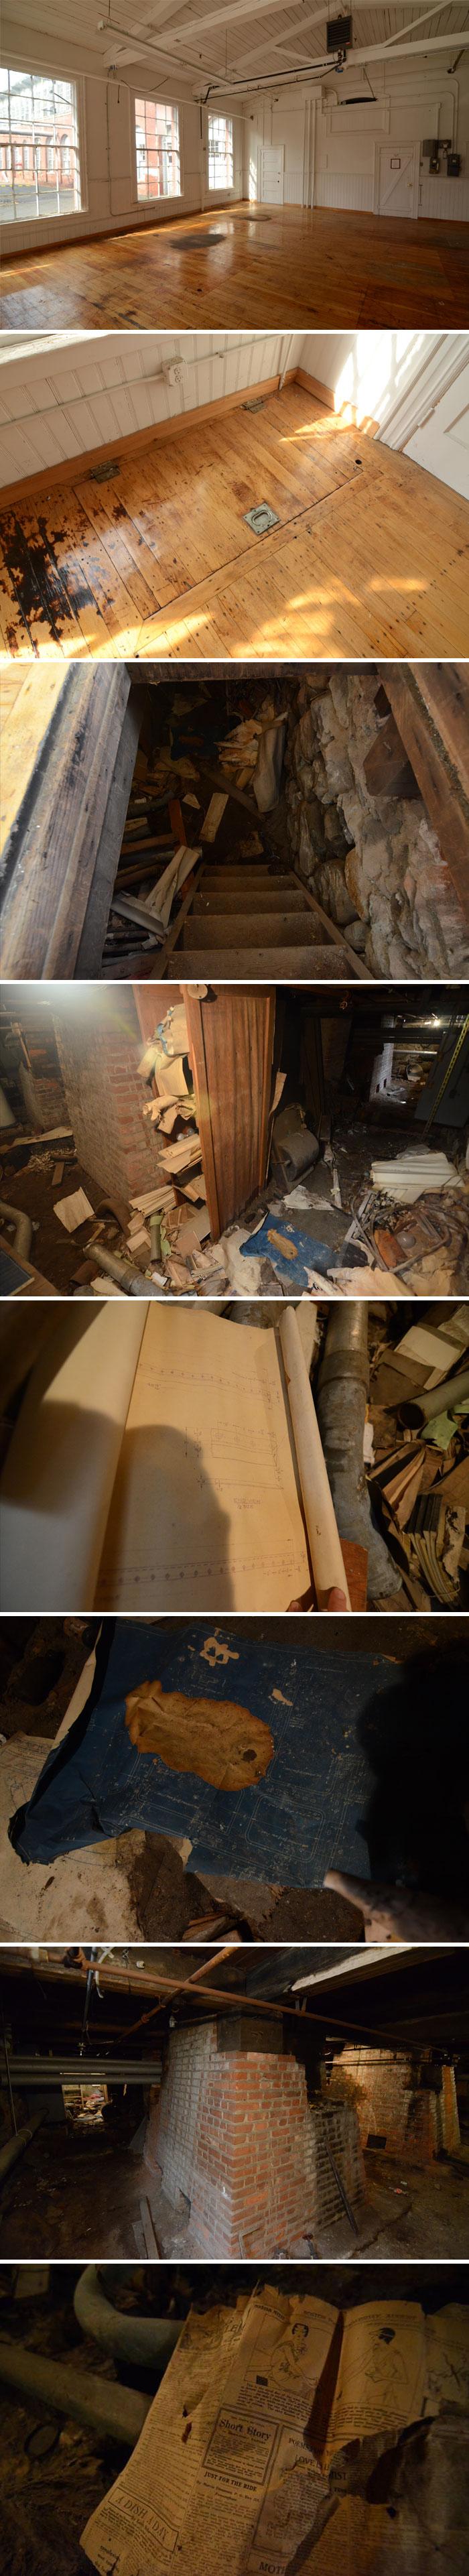 Estos inquilinos encontraron un sótano digno de las películas de terror más escalofriantes / Bored Panda